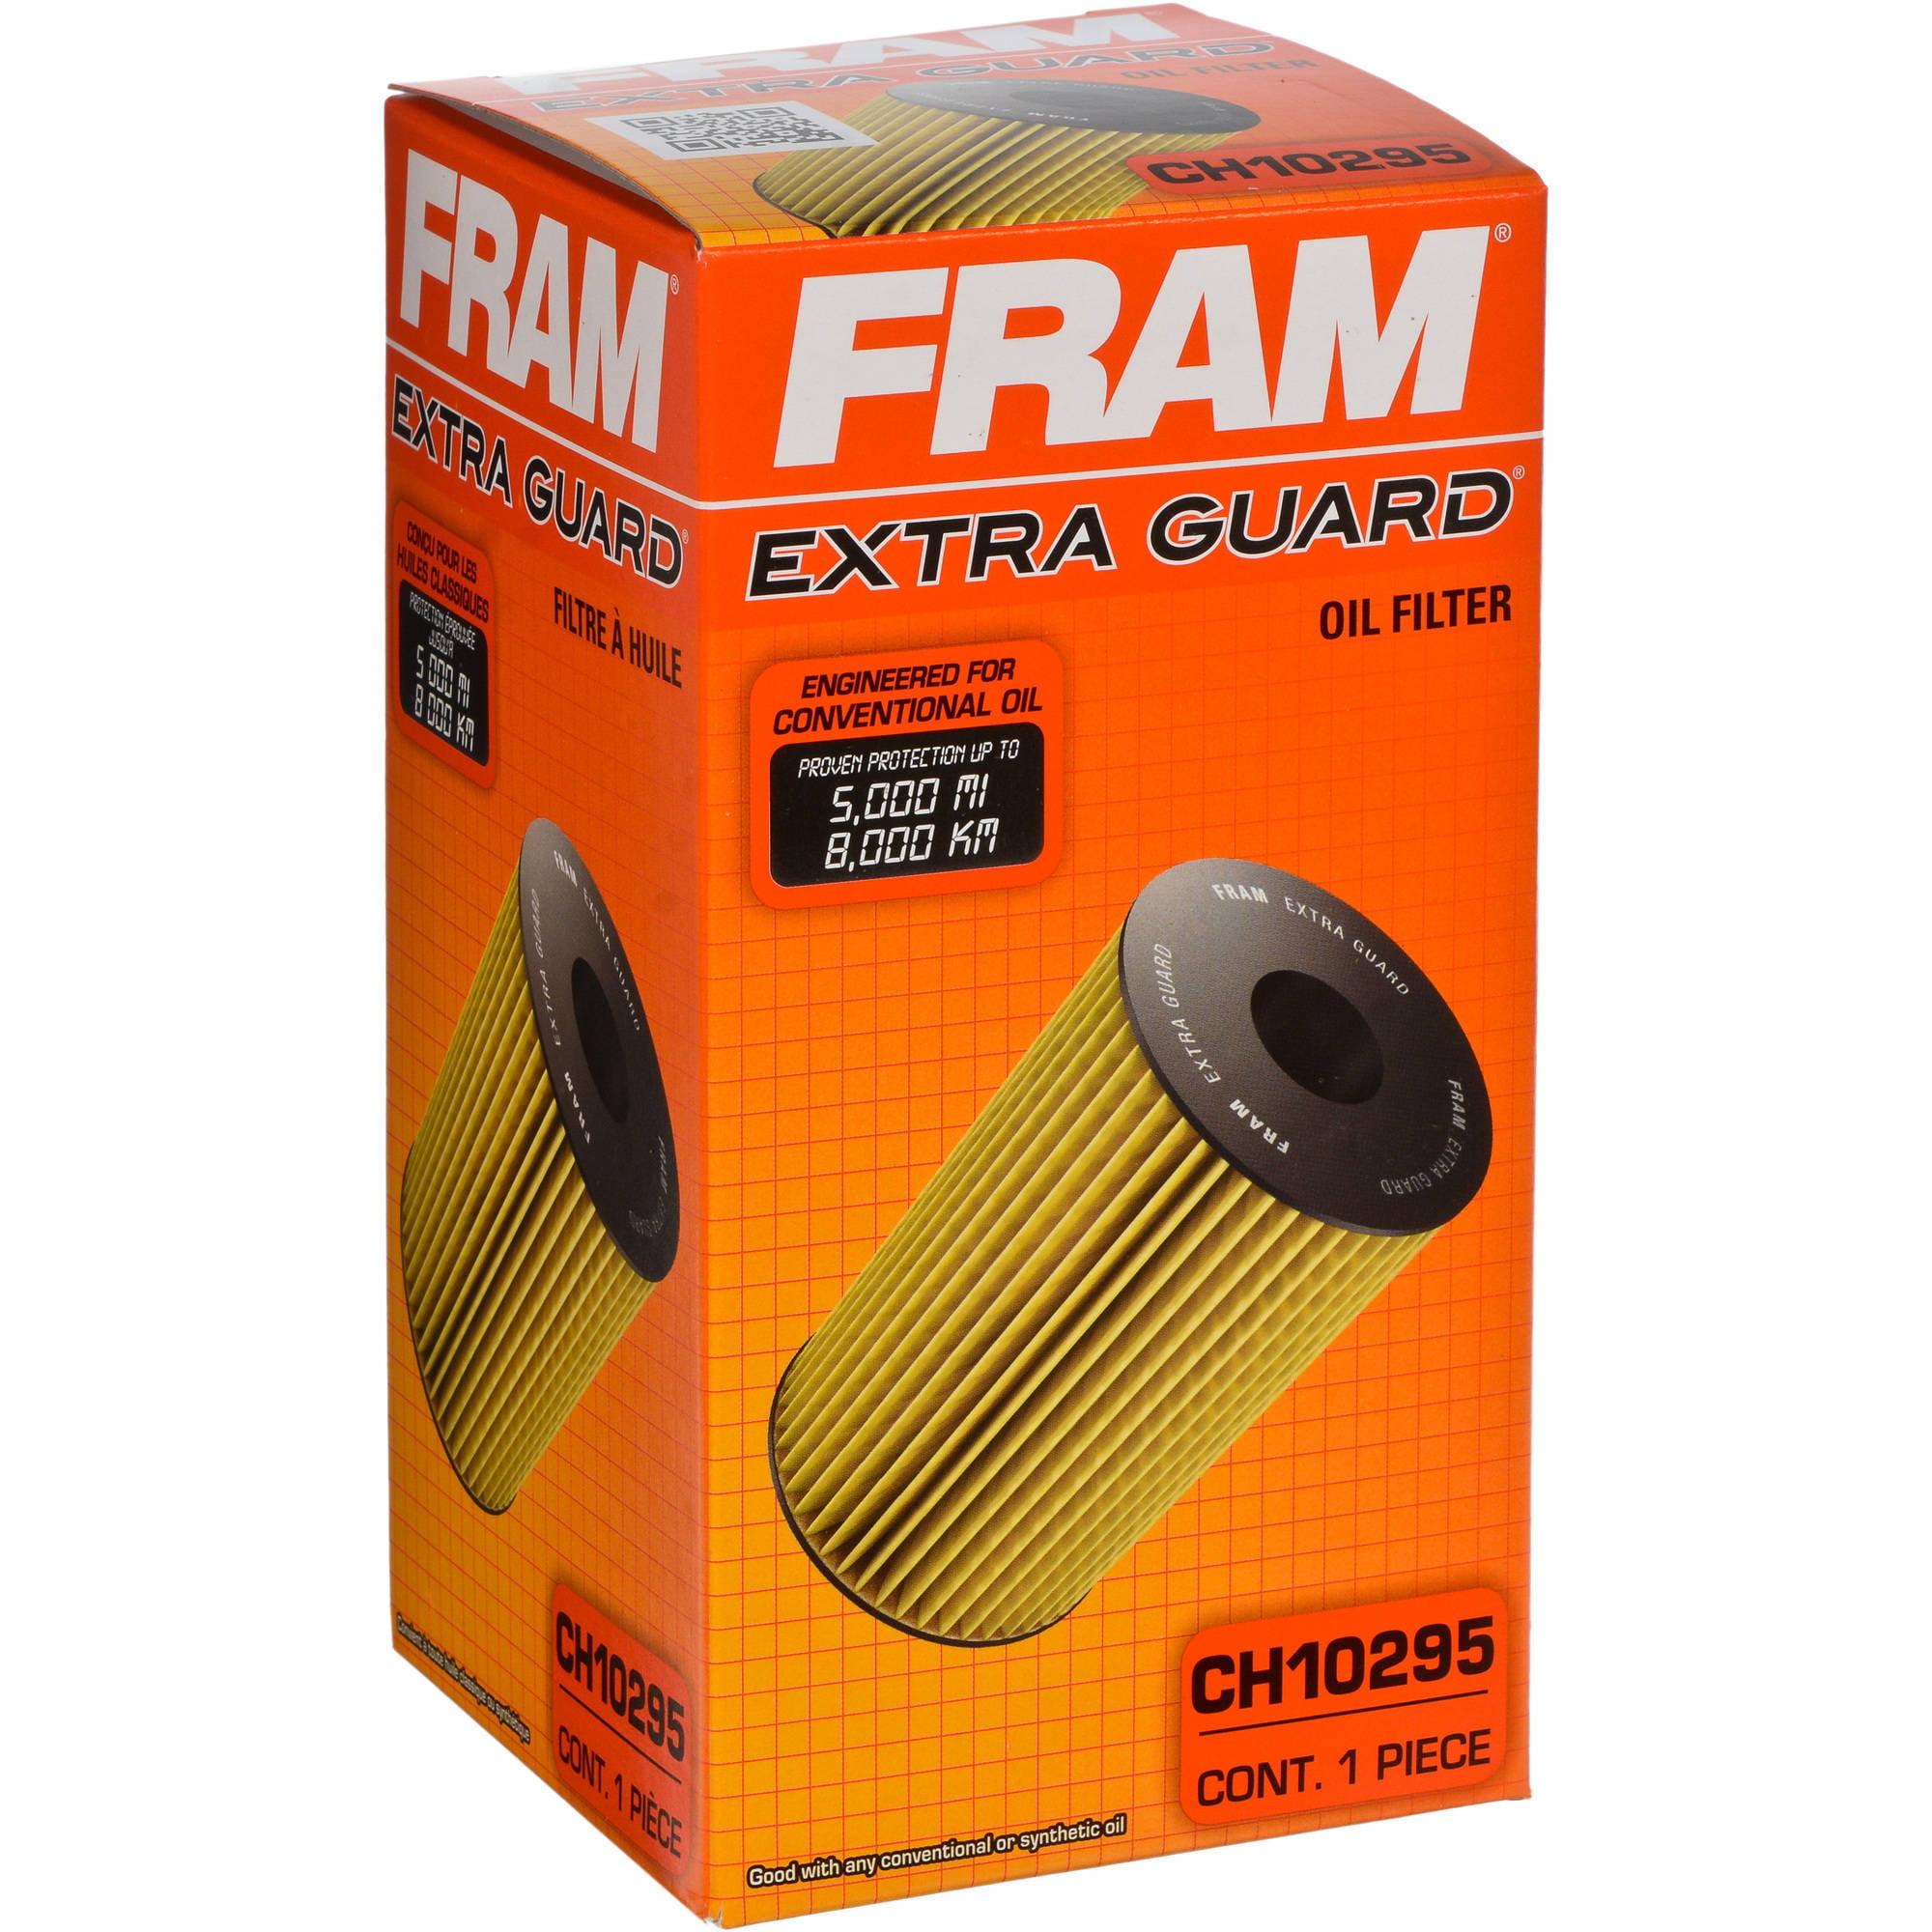 FRAM Extra Guard Oil Filter, CH10295